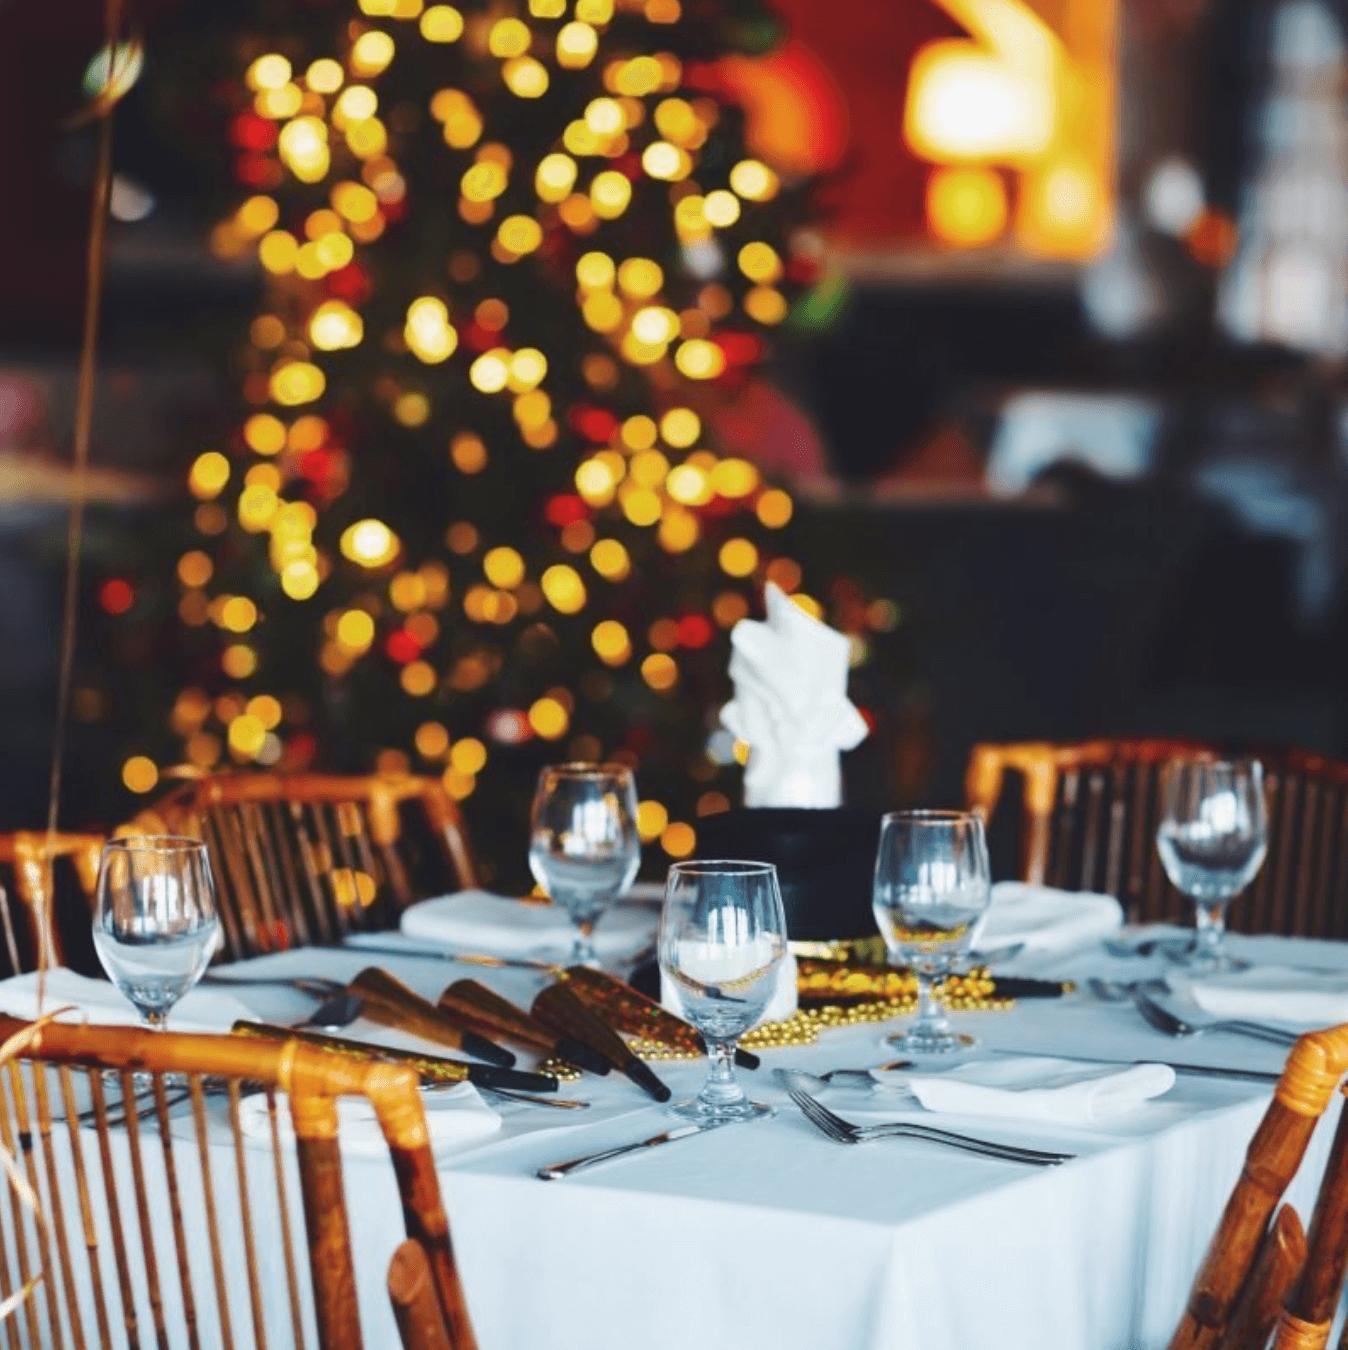 Crociera con Cena per Celebrare la Vigilia di Natale